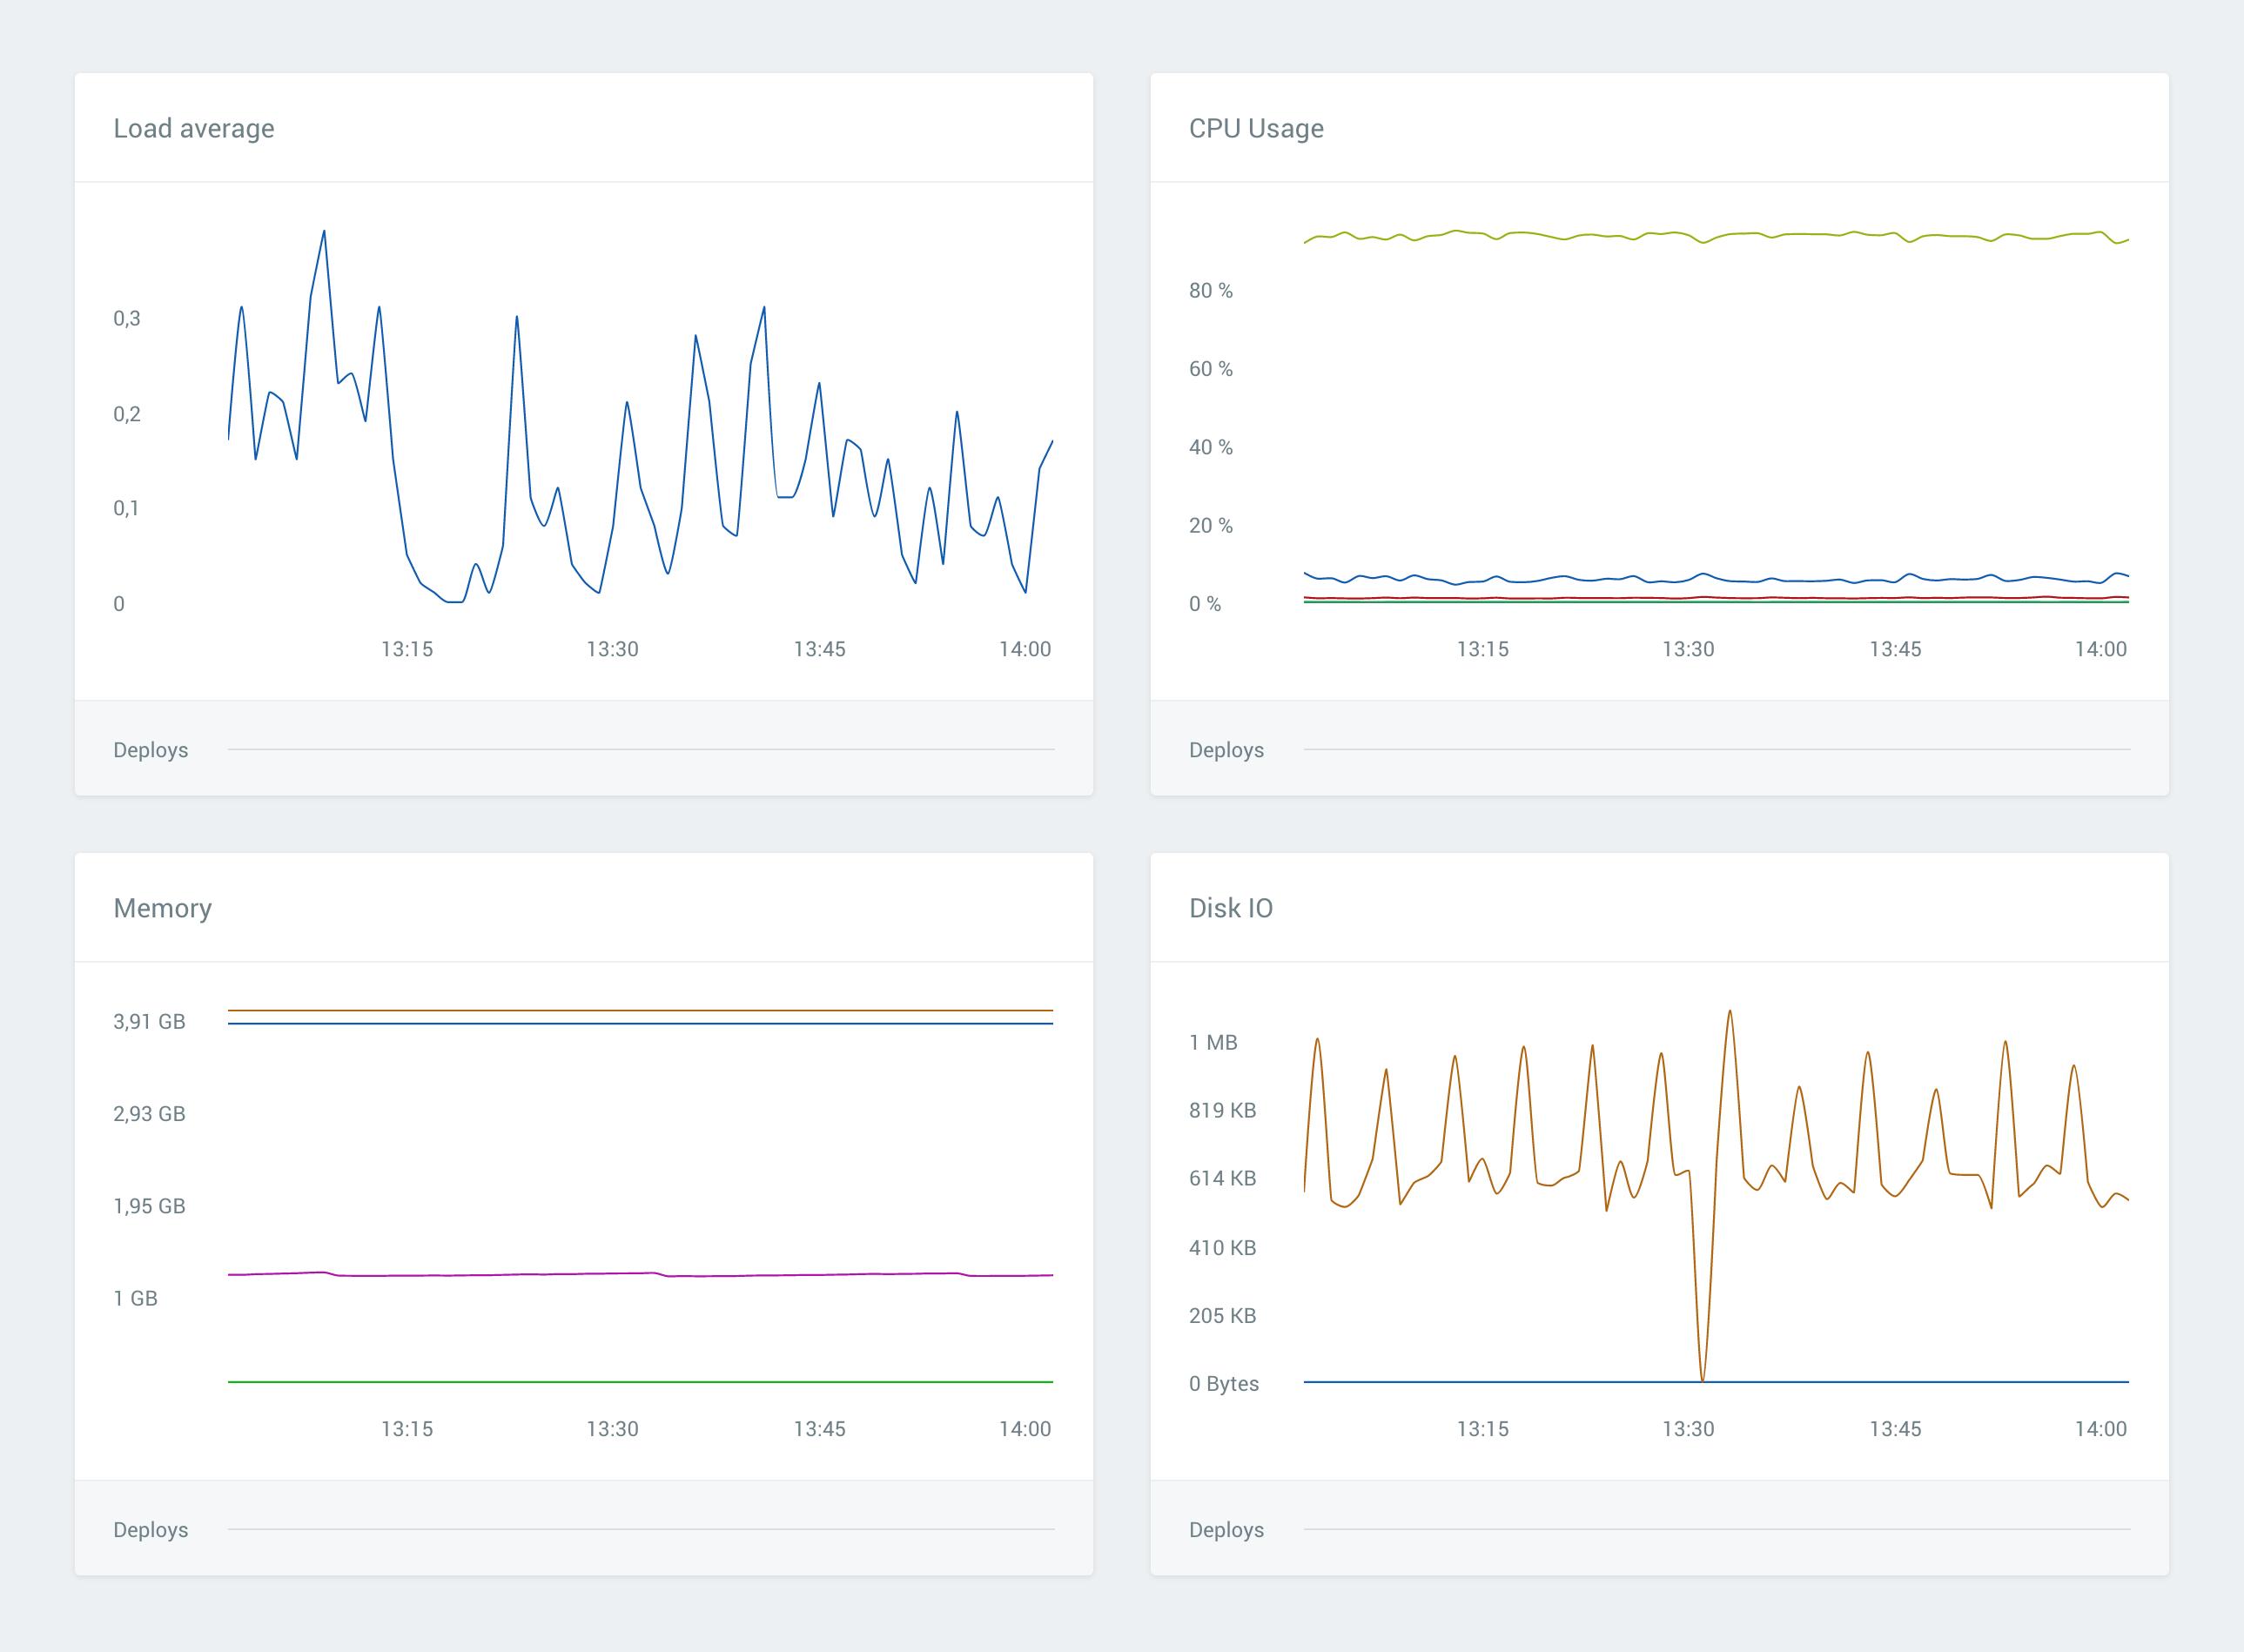 Host metrics